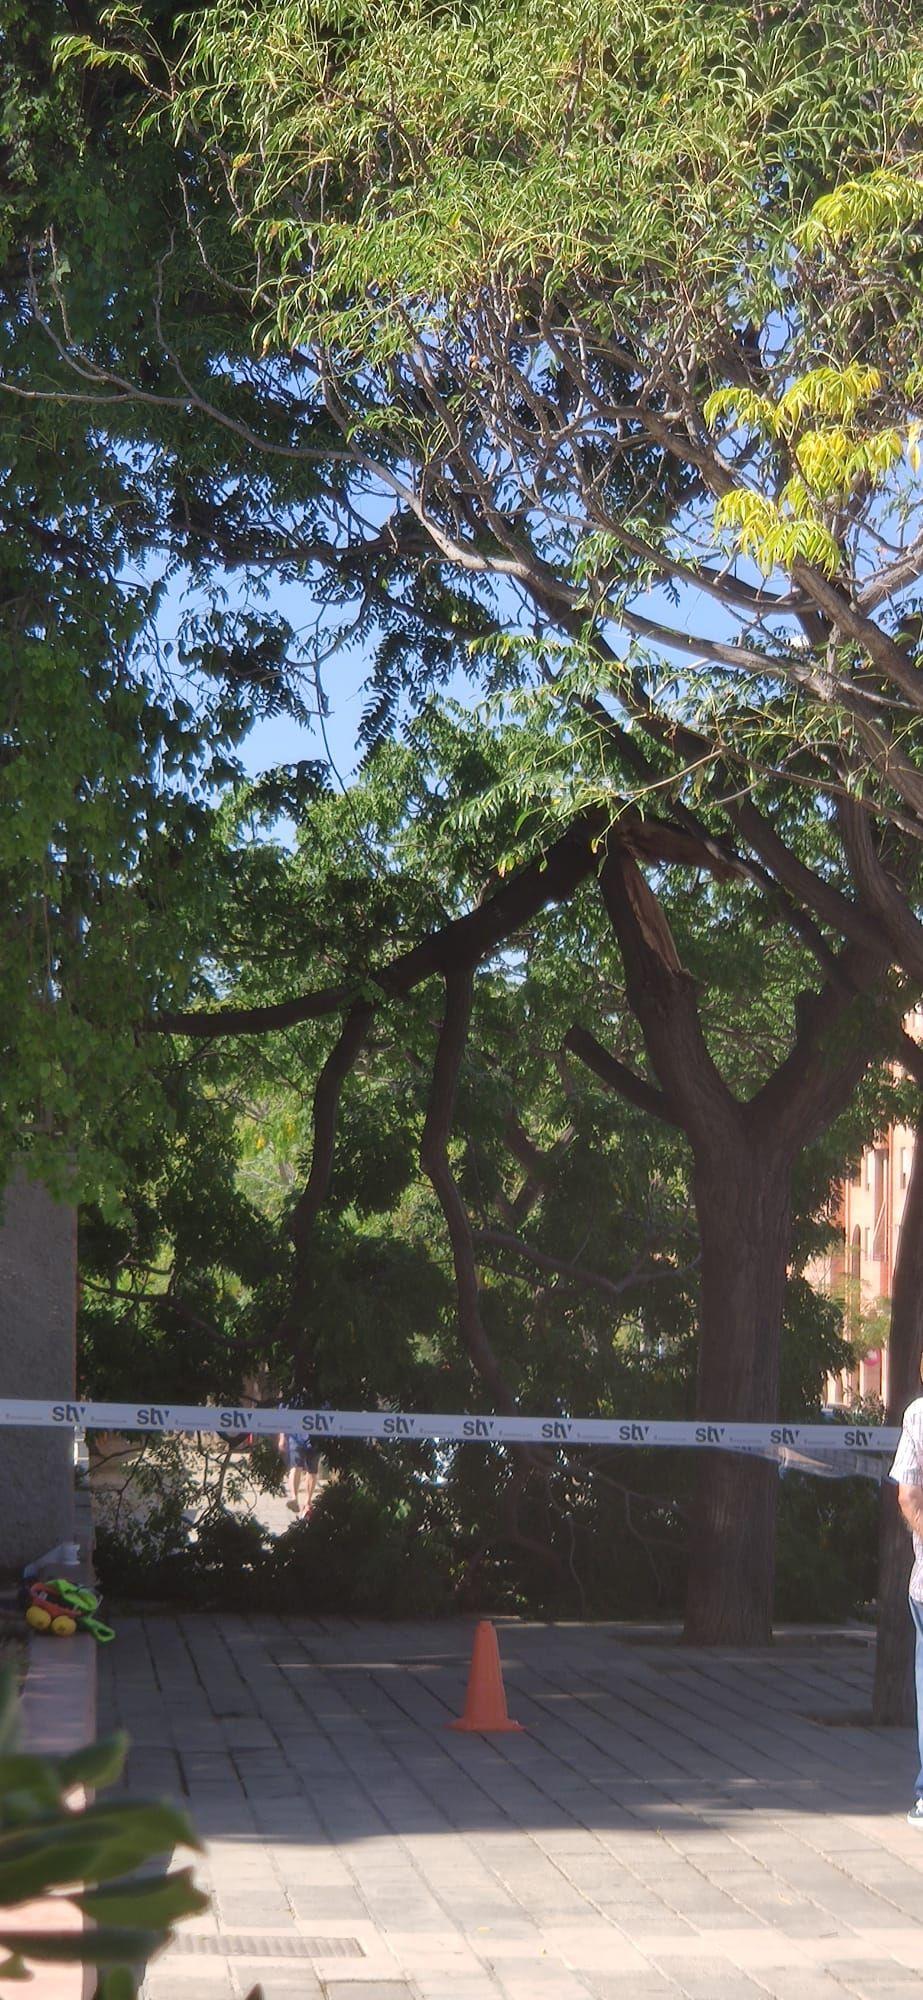 La rama de un árbol se desploma cerca del parque de San Blas, en Alicante